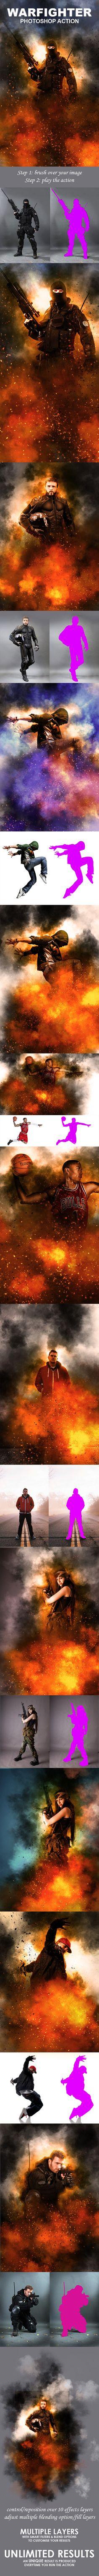 Warfighter Photoshop Action #photoeffect Download: http://graphicriver.net/item/warfighter-photoshop-action/13952470?ref=ksioks